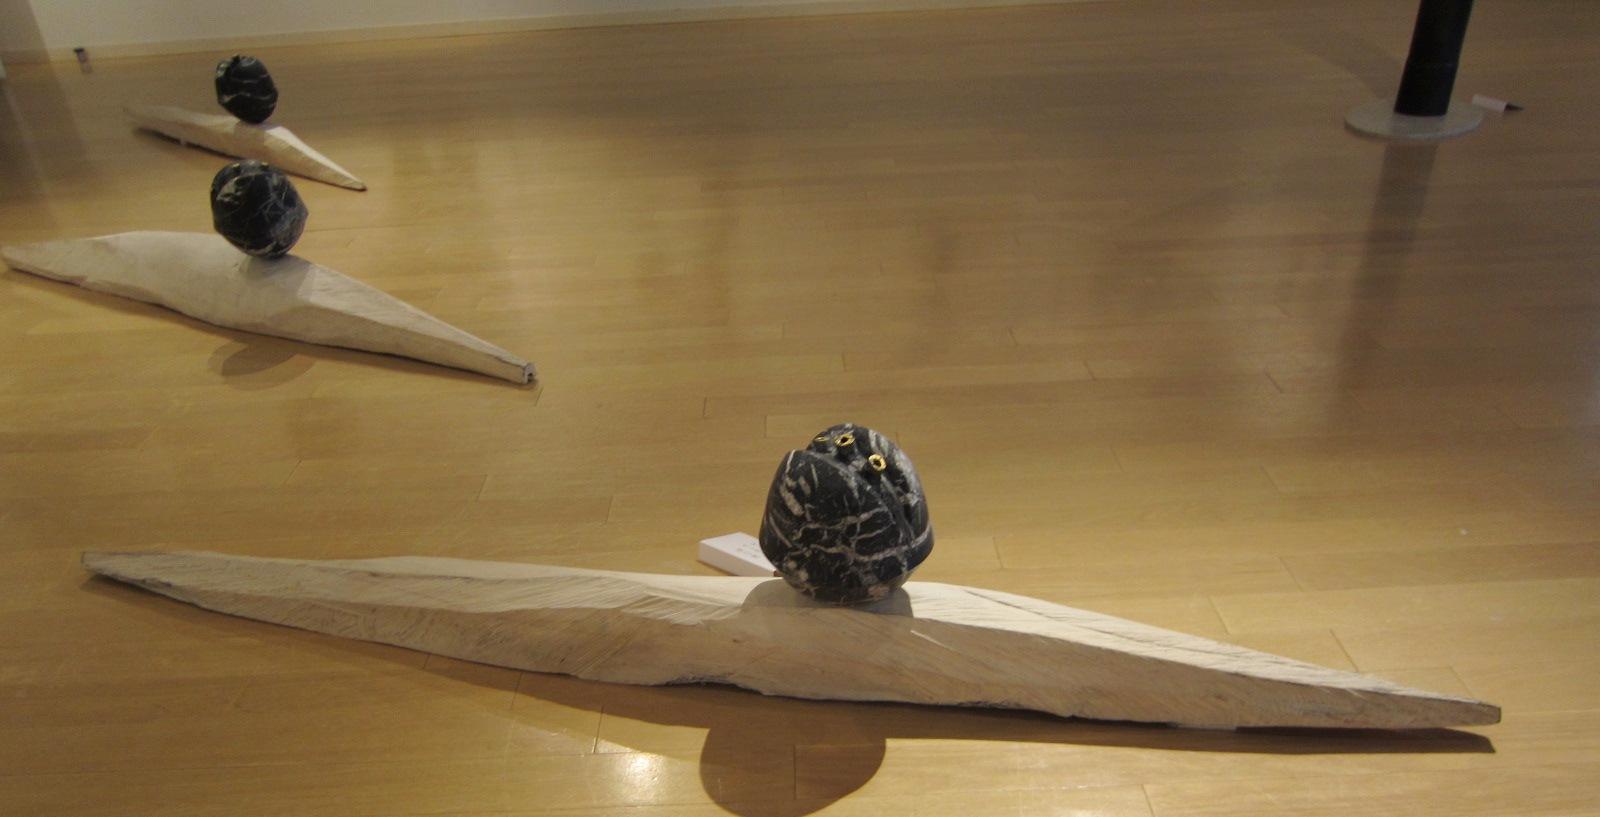 2065)「[現代書と彫刻のコラボレーション] -環境空間アートの提案-」 エッセ 5月21日(火)~5月26日(日)_f0126829_10525842.jpg